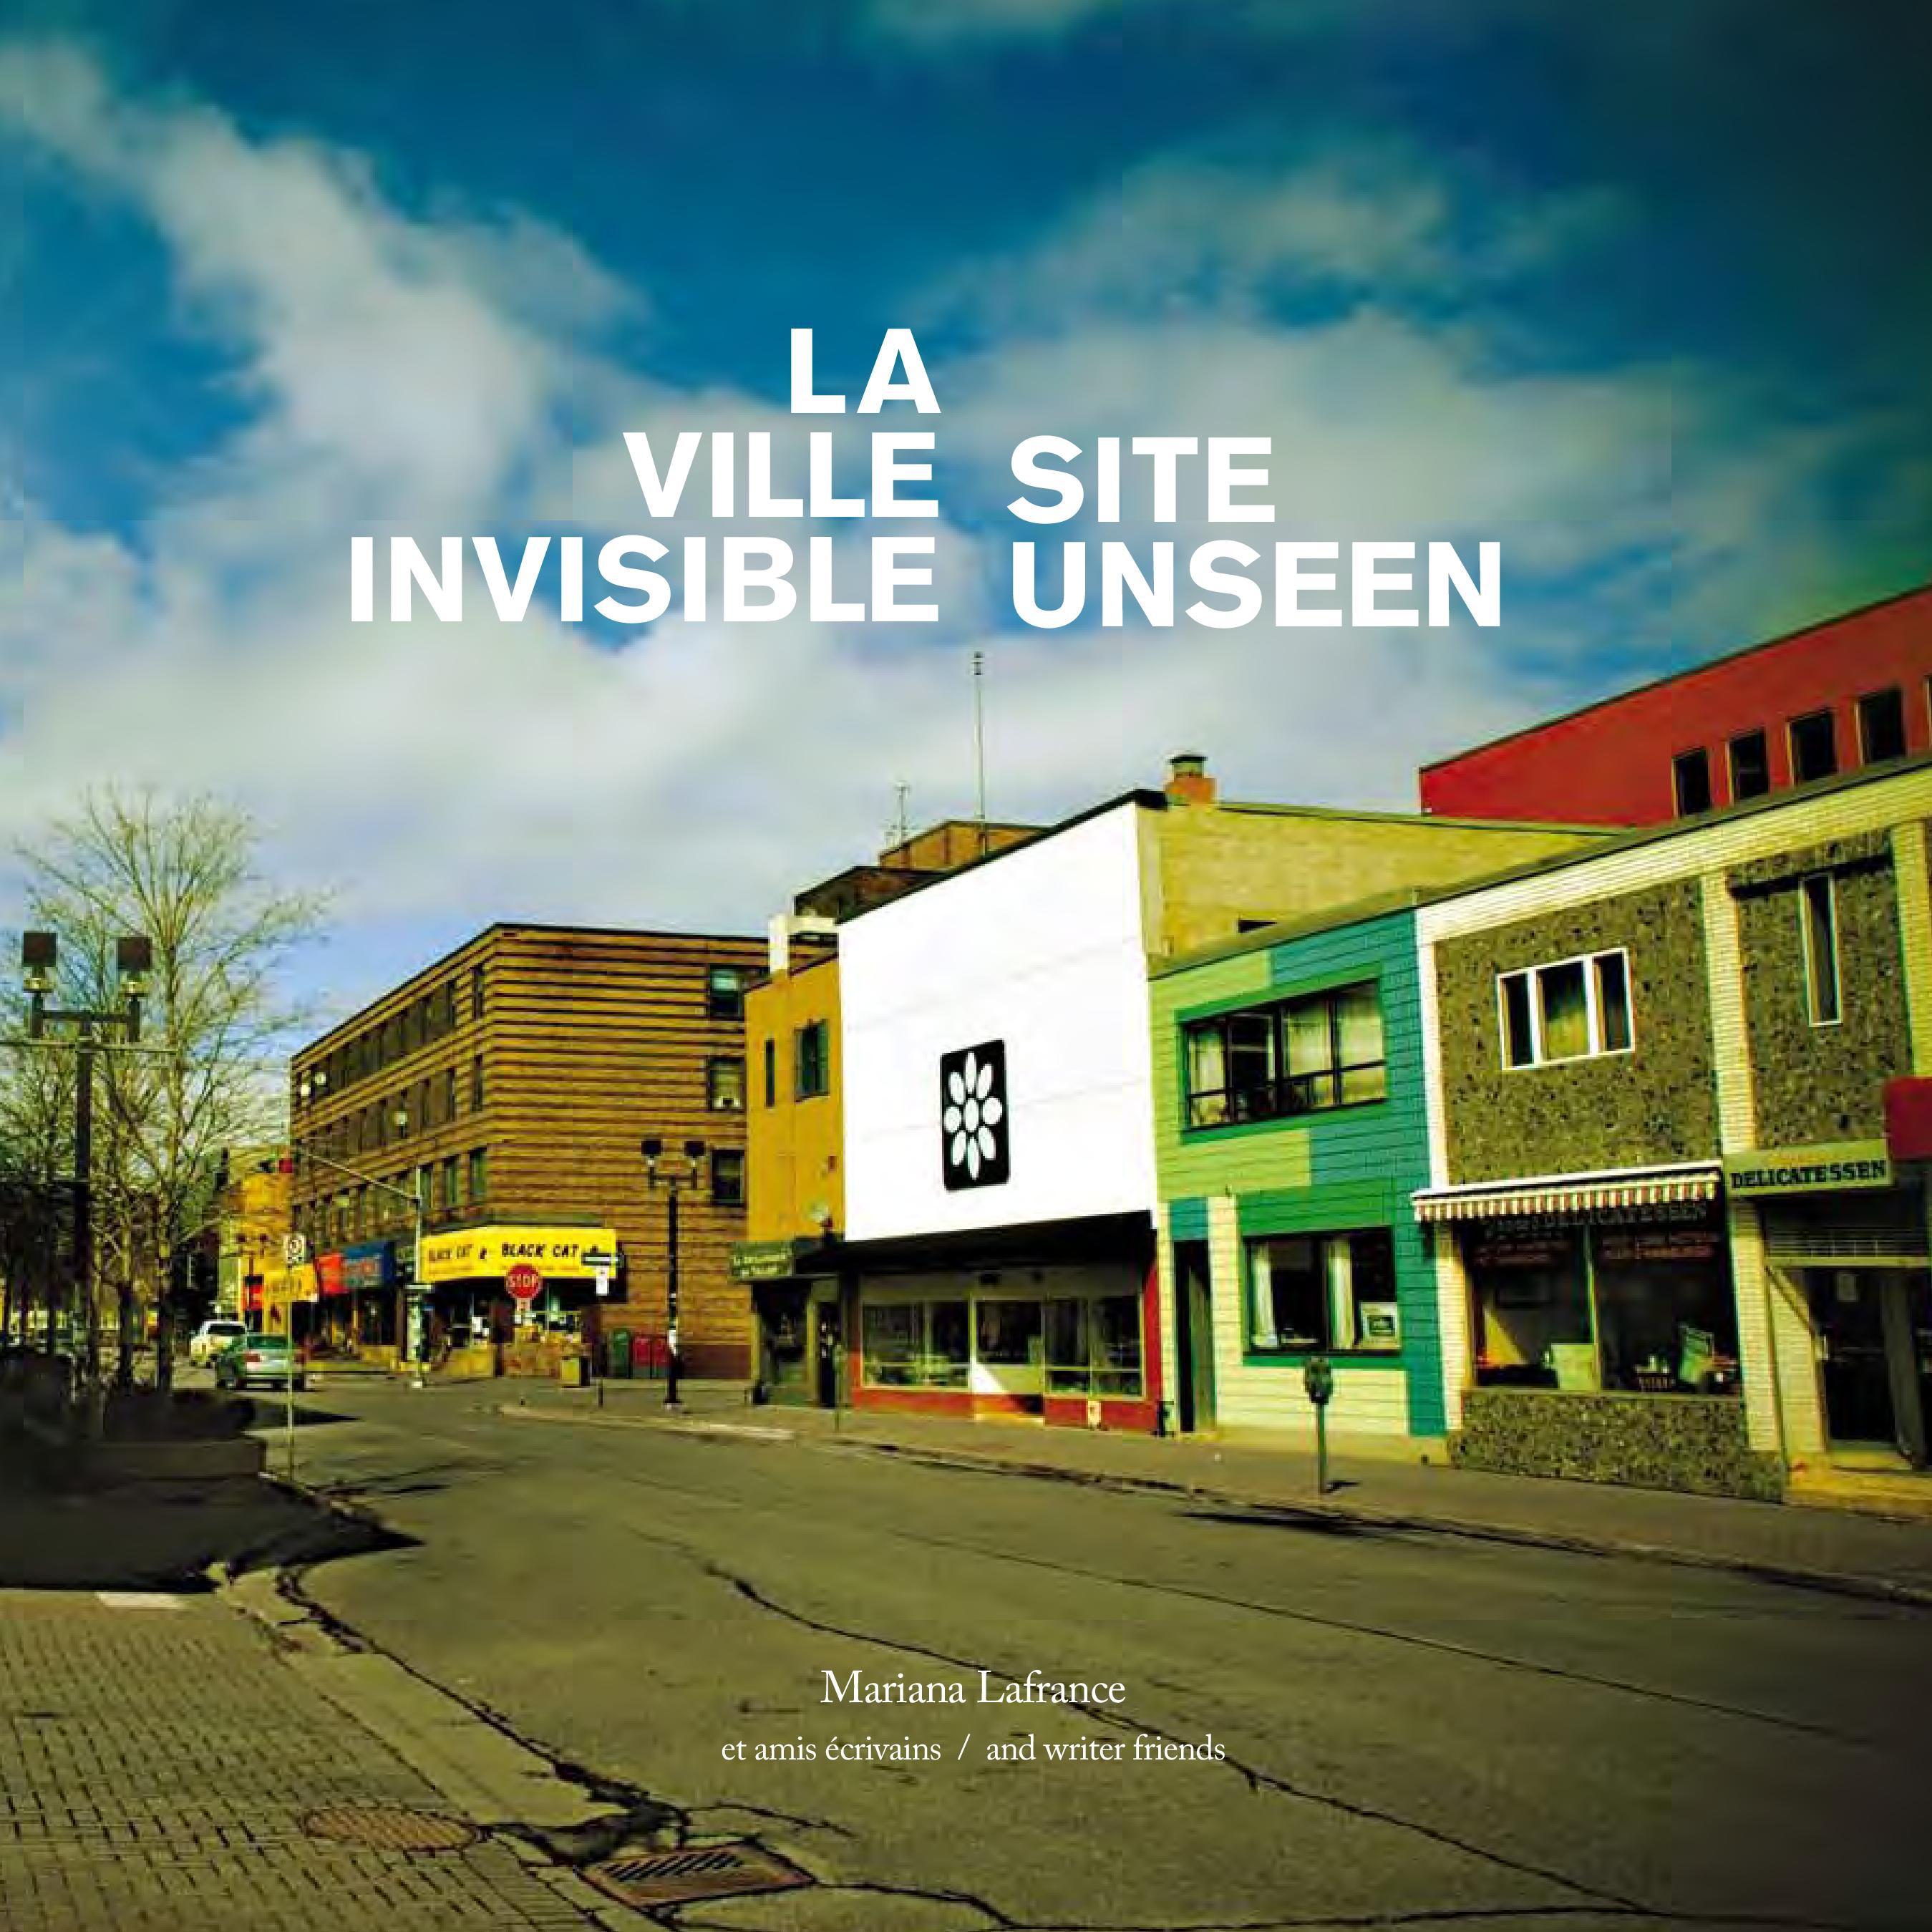 La Ville invisible / Site Unseen